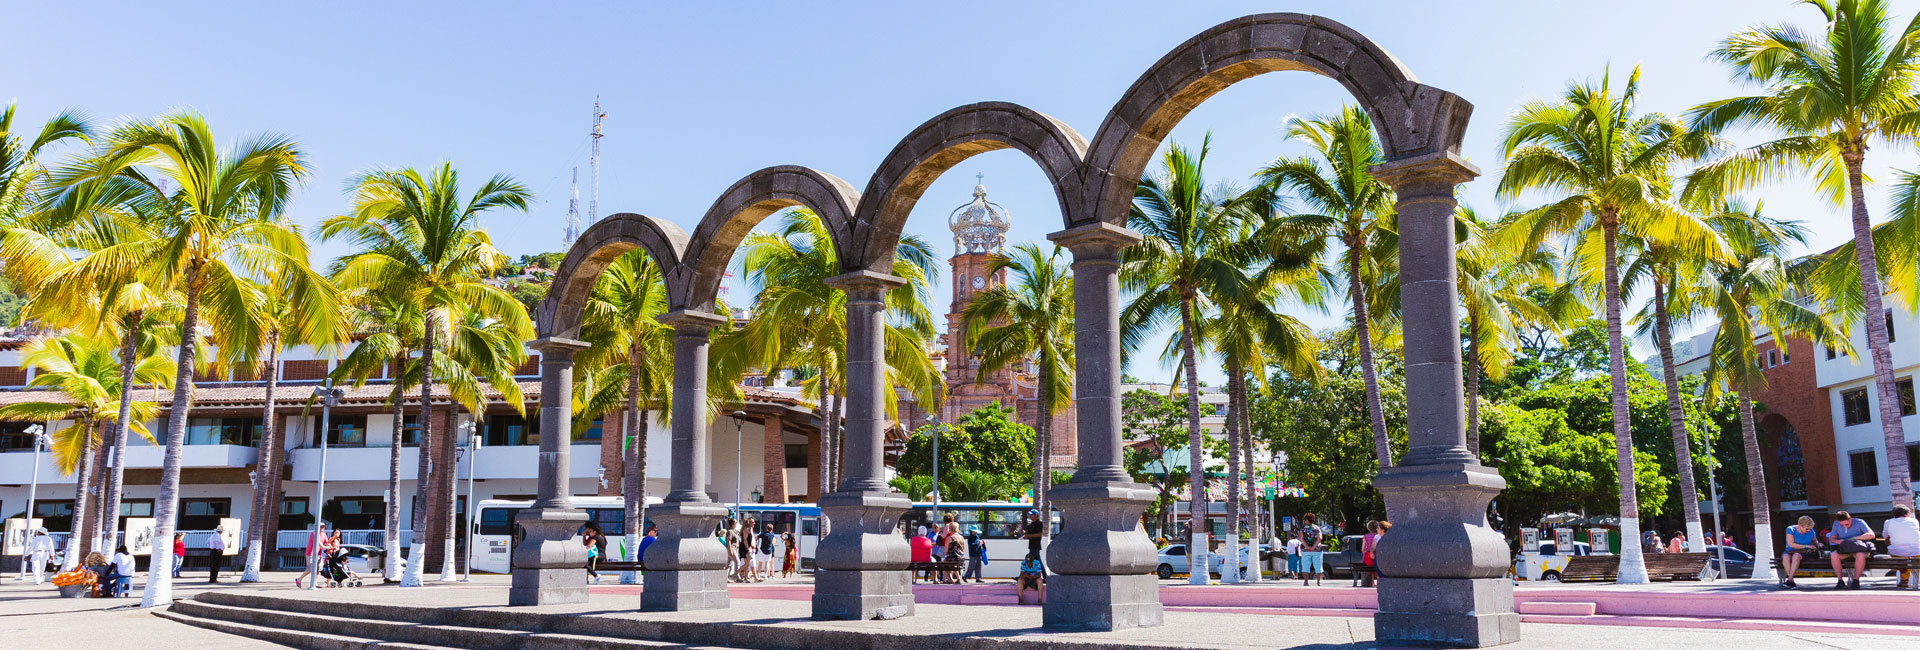 Arcos de puerto vallarta